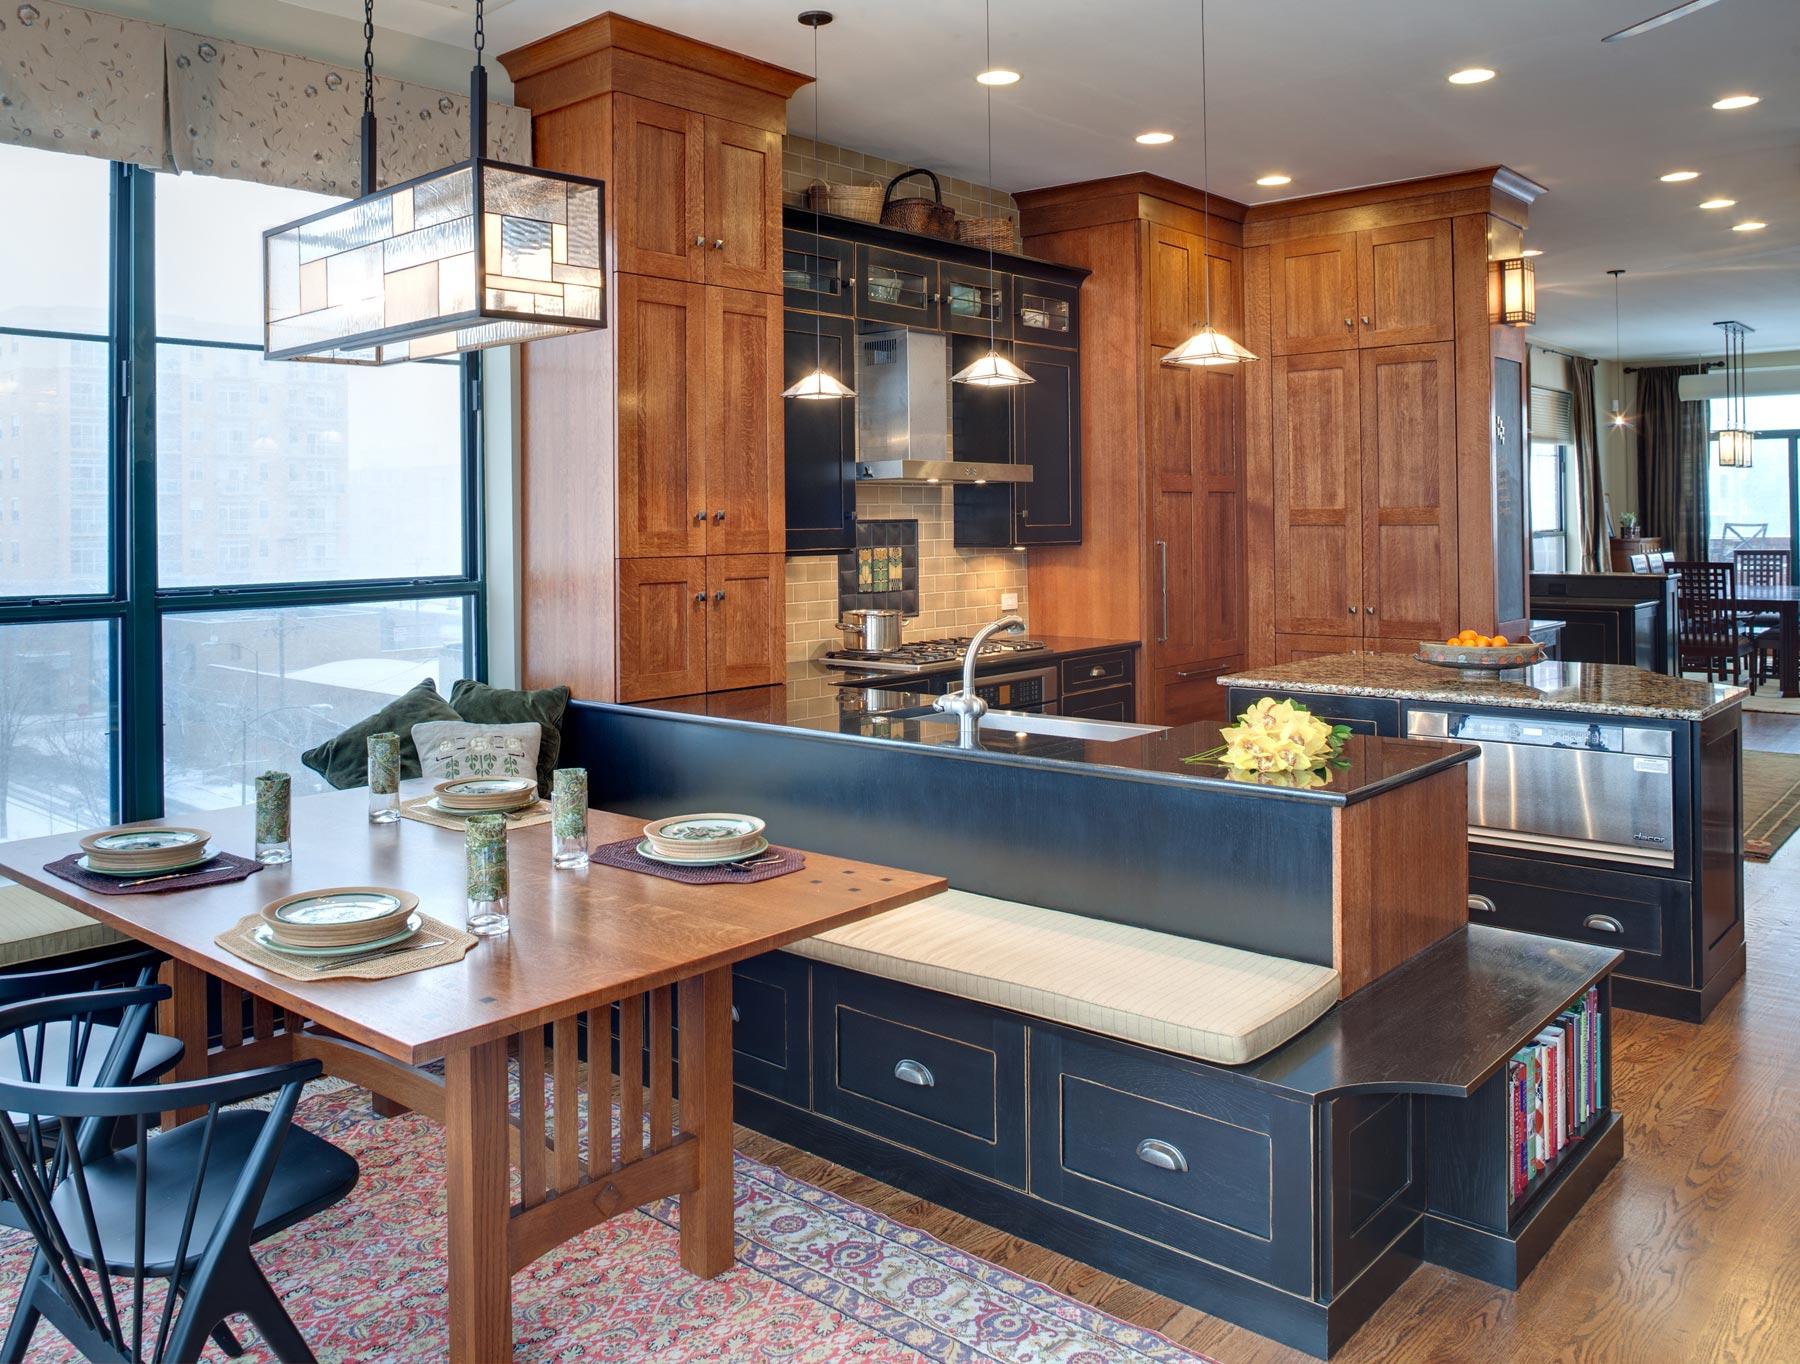 1395337155-drury-designs-artscrafts-kitchen02 Inredningsdesign för hantverk och fantastiska dekorationsidéer